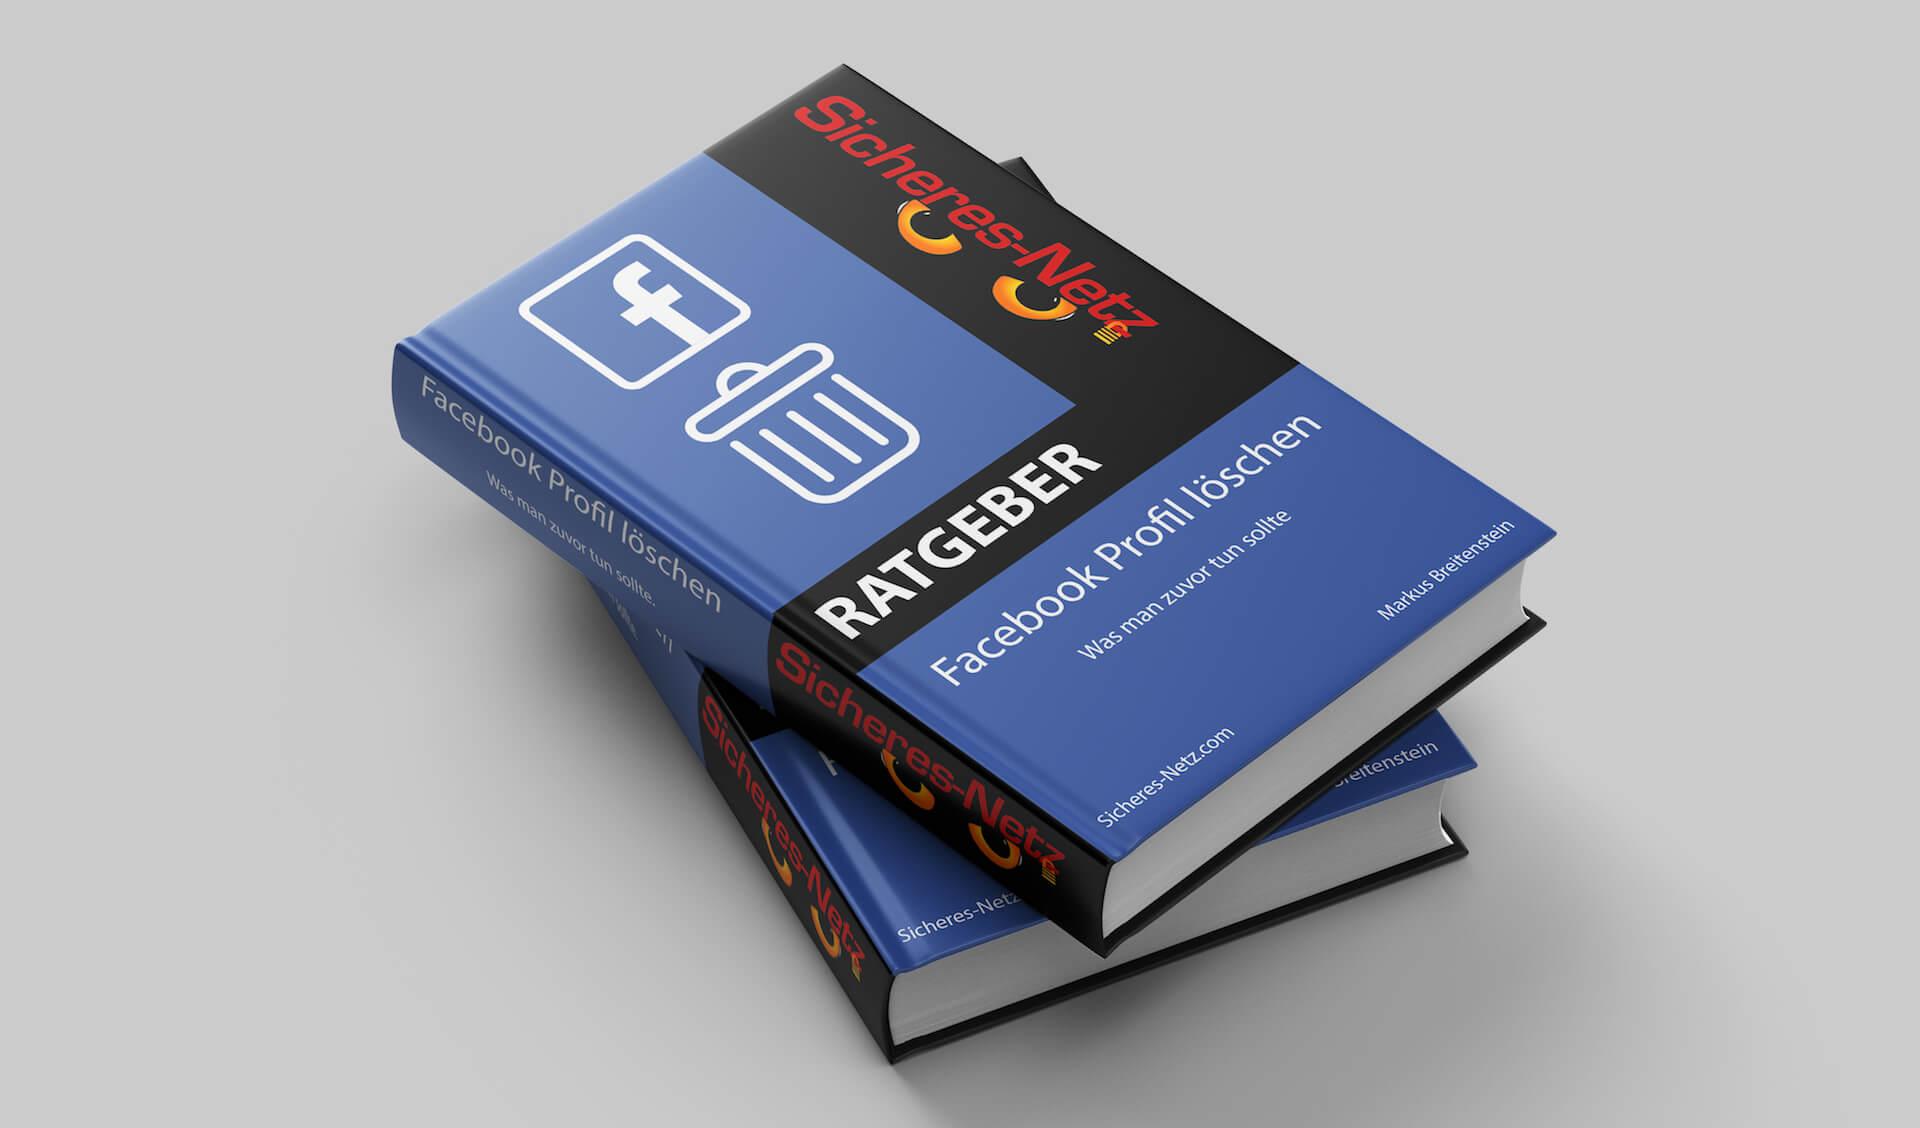 Facebook Profil löschen - Was man zuvor tun sollte